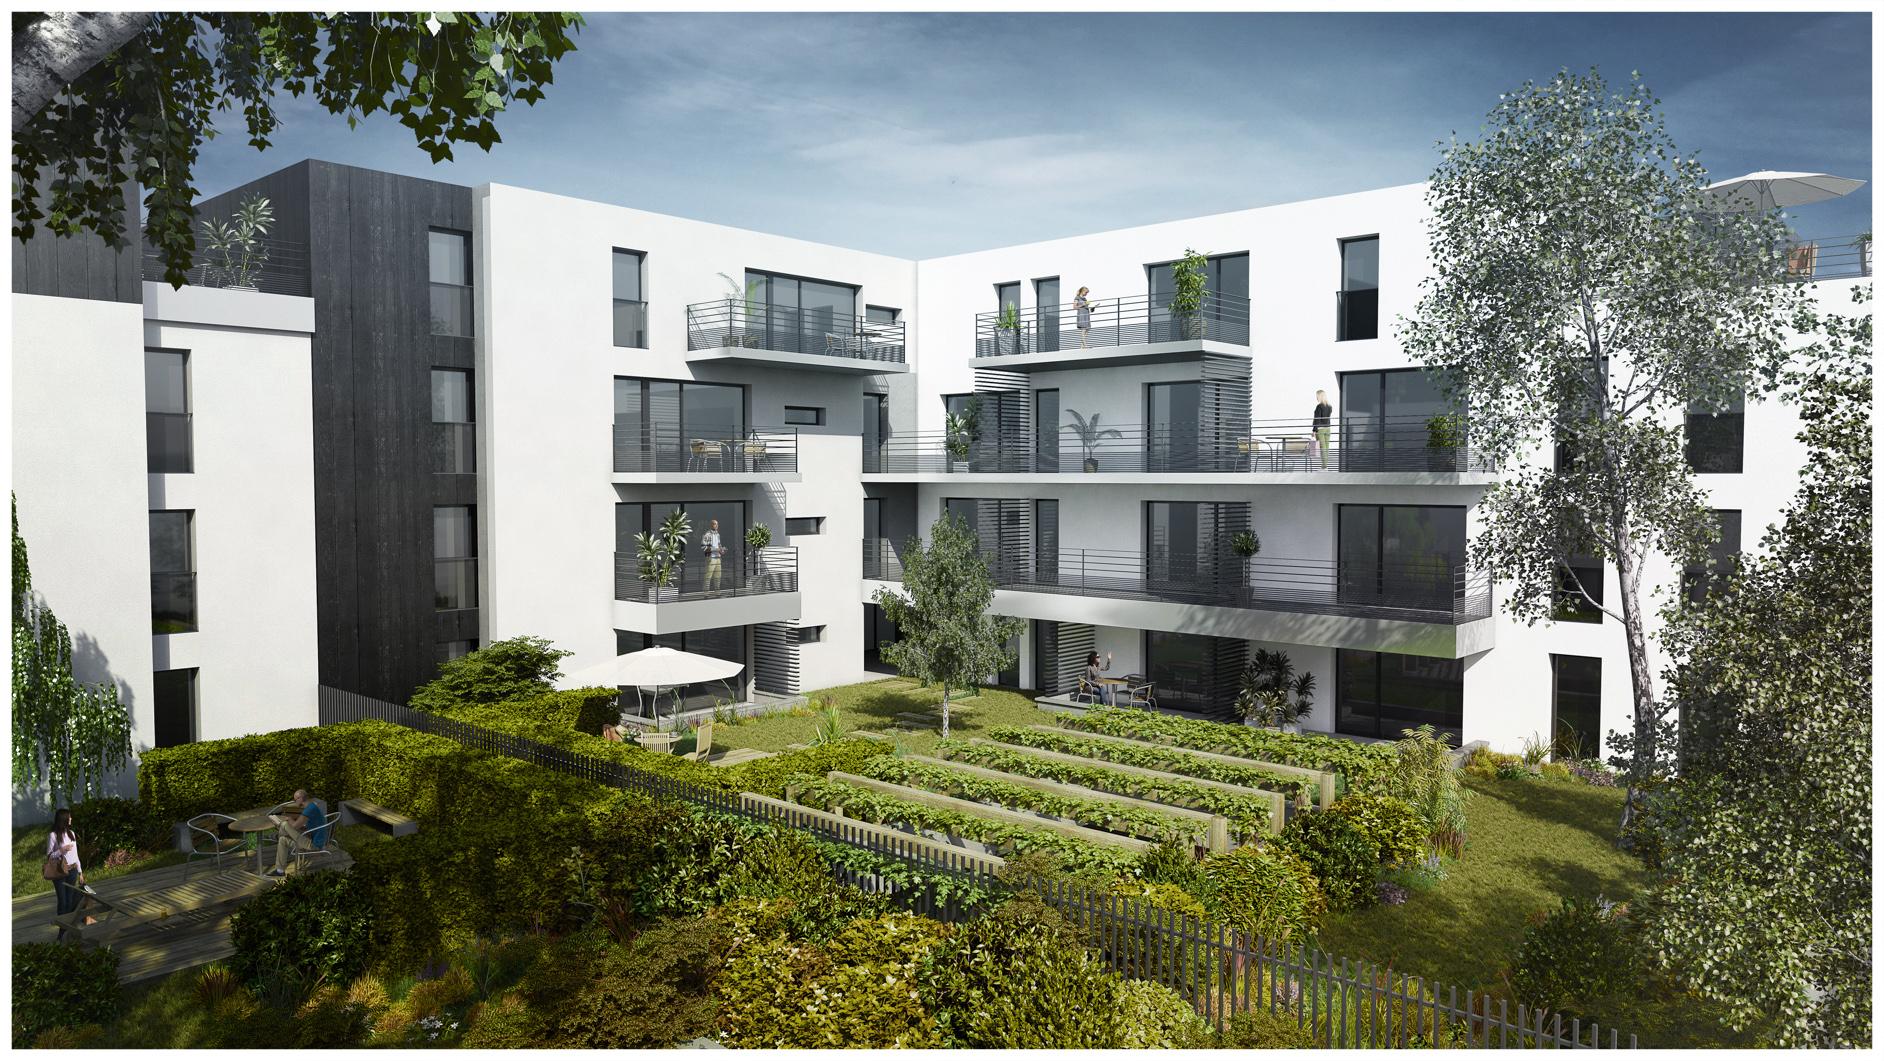 Dripmoon-archvis-graphiste3D-architecture-images-3D-LA-Riche (3)